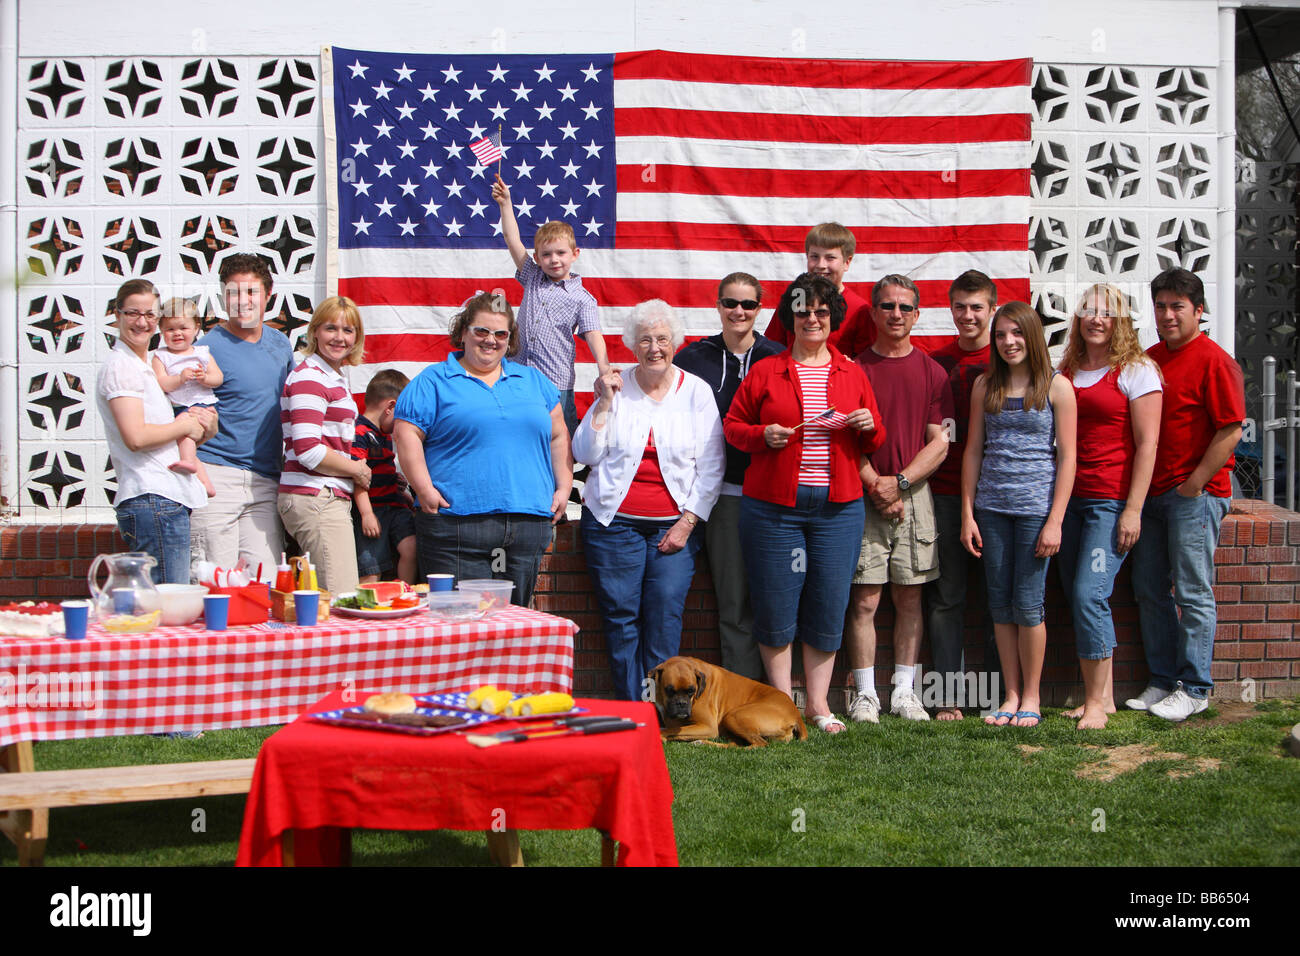 Große Familie Gruppenbild am 4. Juli Grillen Stockbild